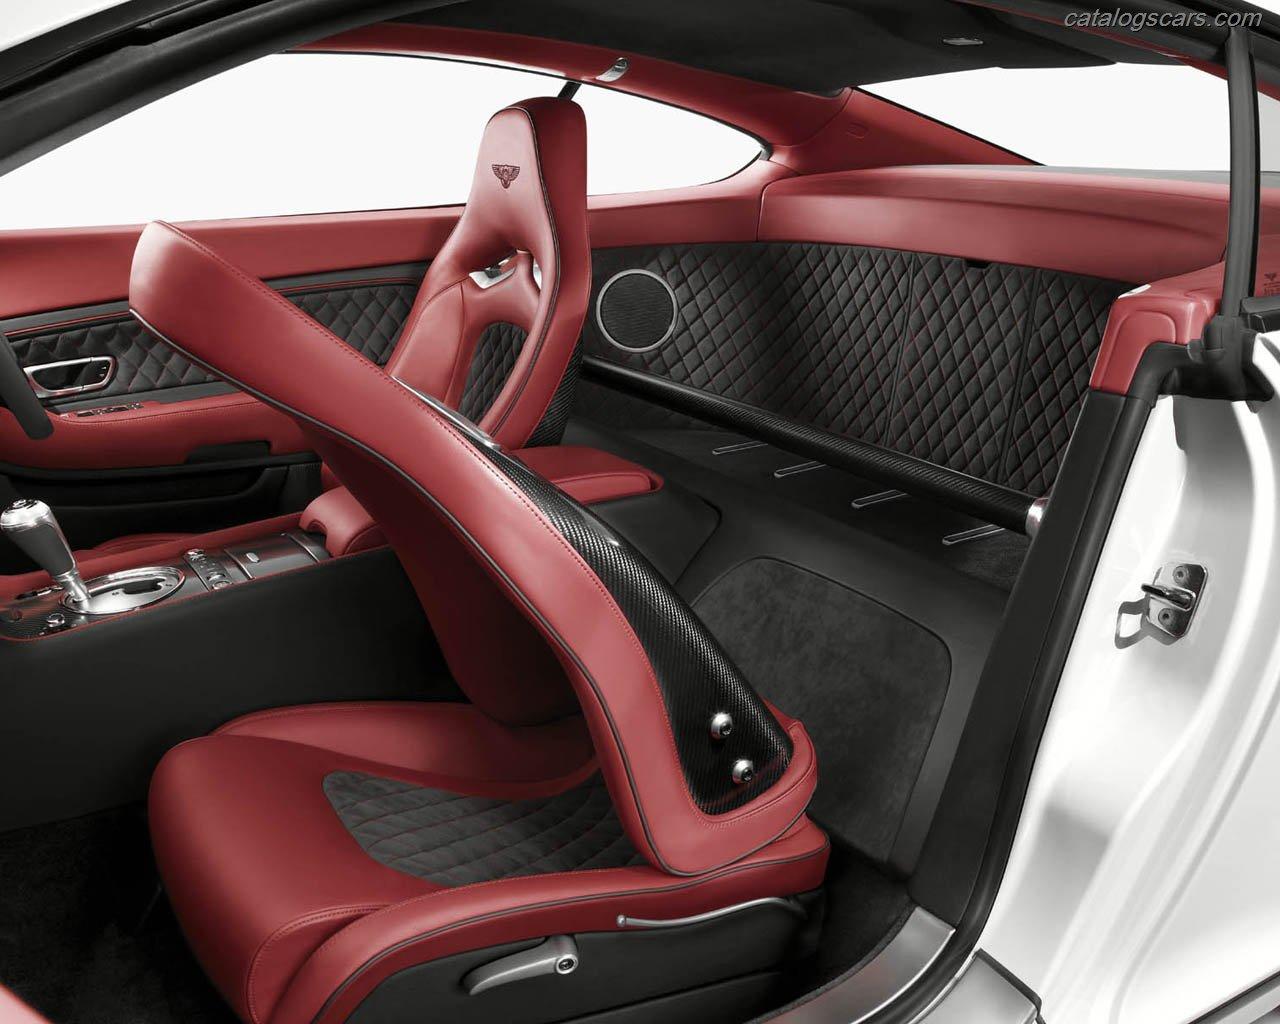 صور سيارة بنتلى كونتيننتال سوبر سبورتس 2014 - اجمل خلفيات صور عربية بنتلى كونتيننتال سوبر سبورتس 2014 - Bentley Continental Supersports Photos Bentley-Continental-Supersports-2011-16.jpg